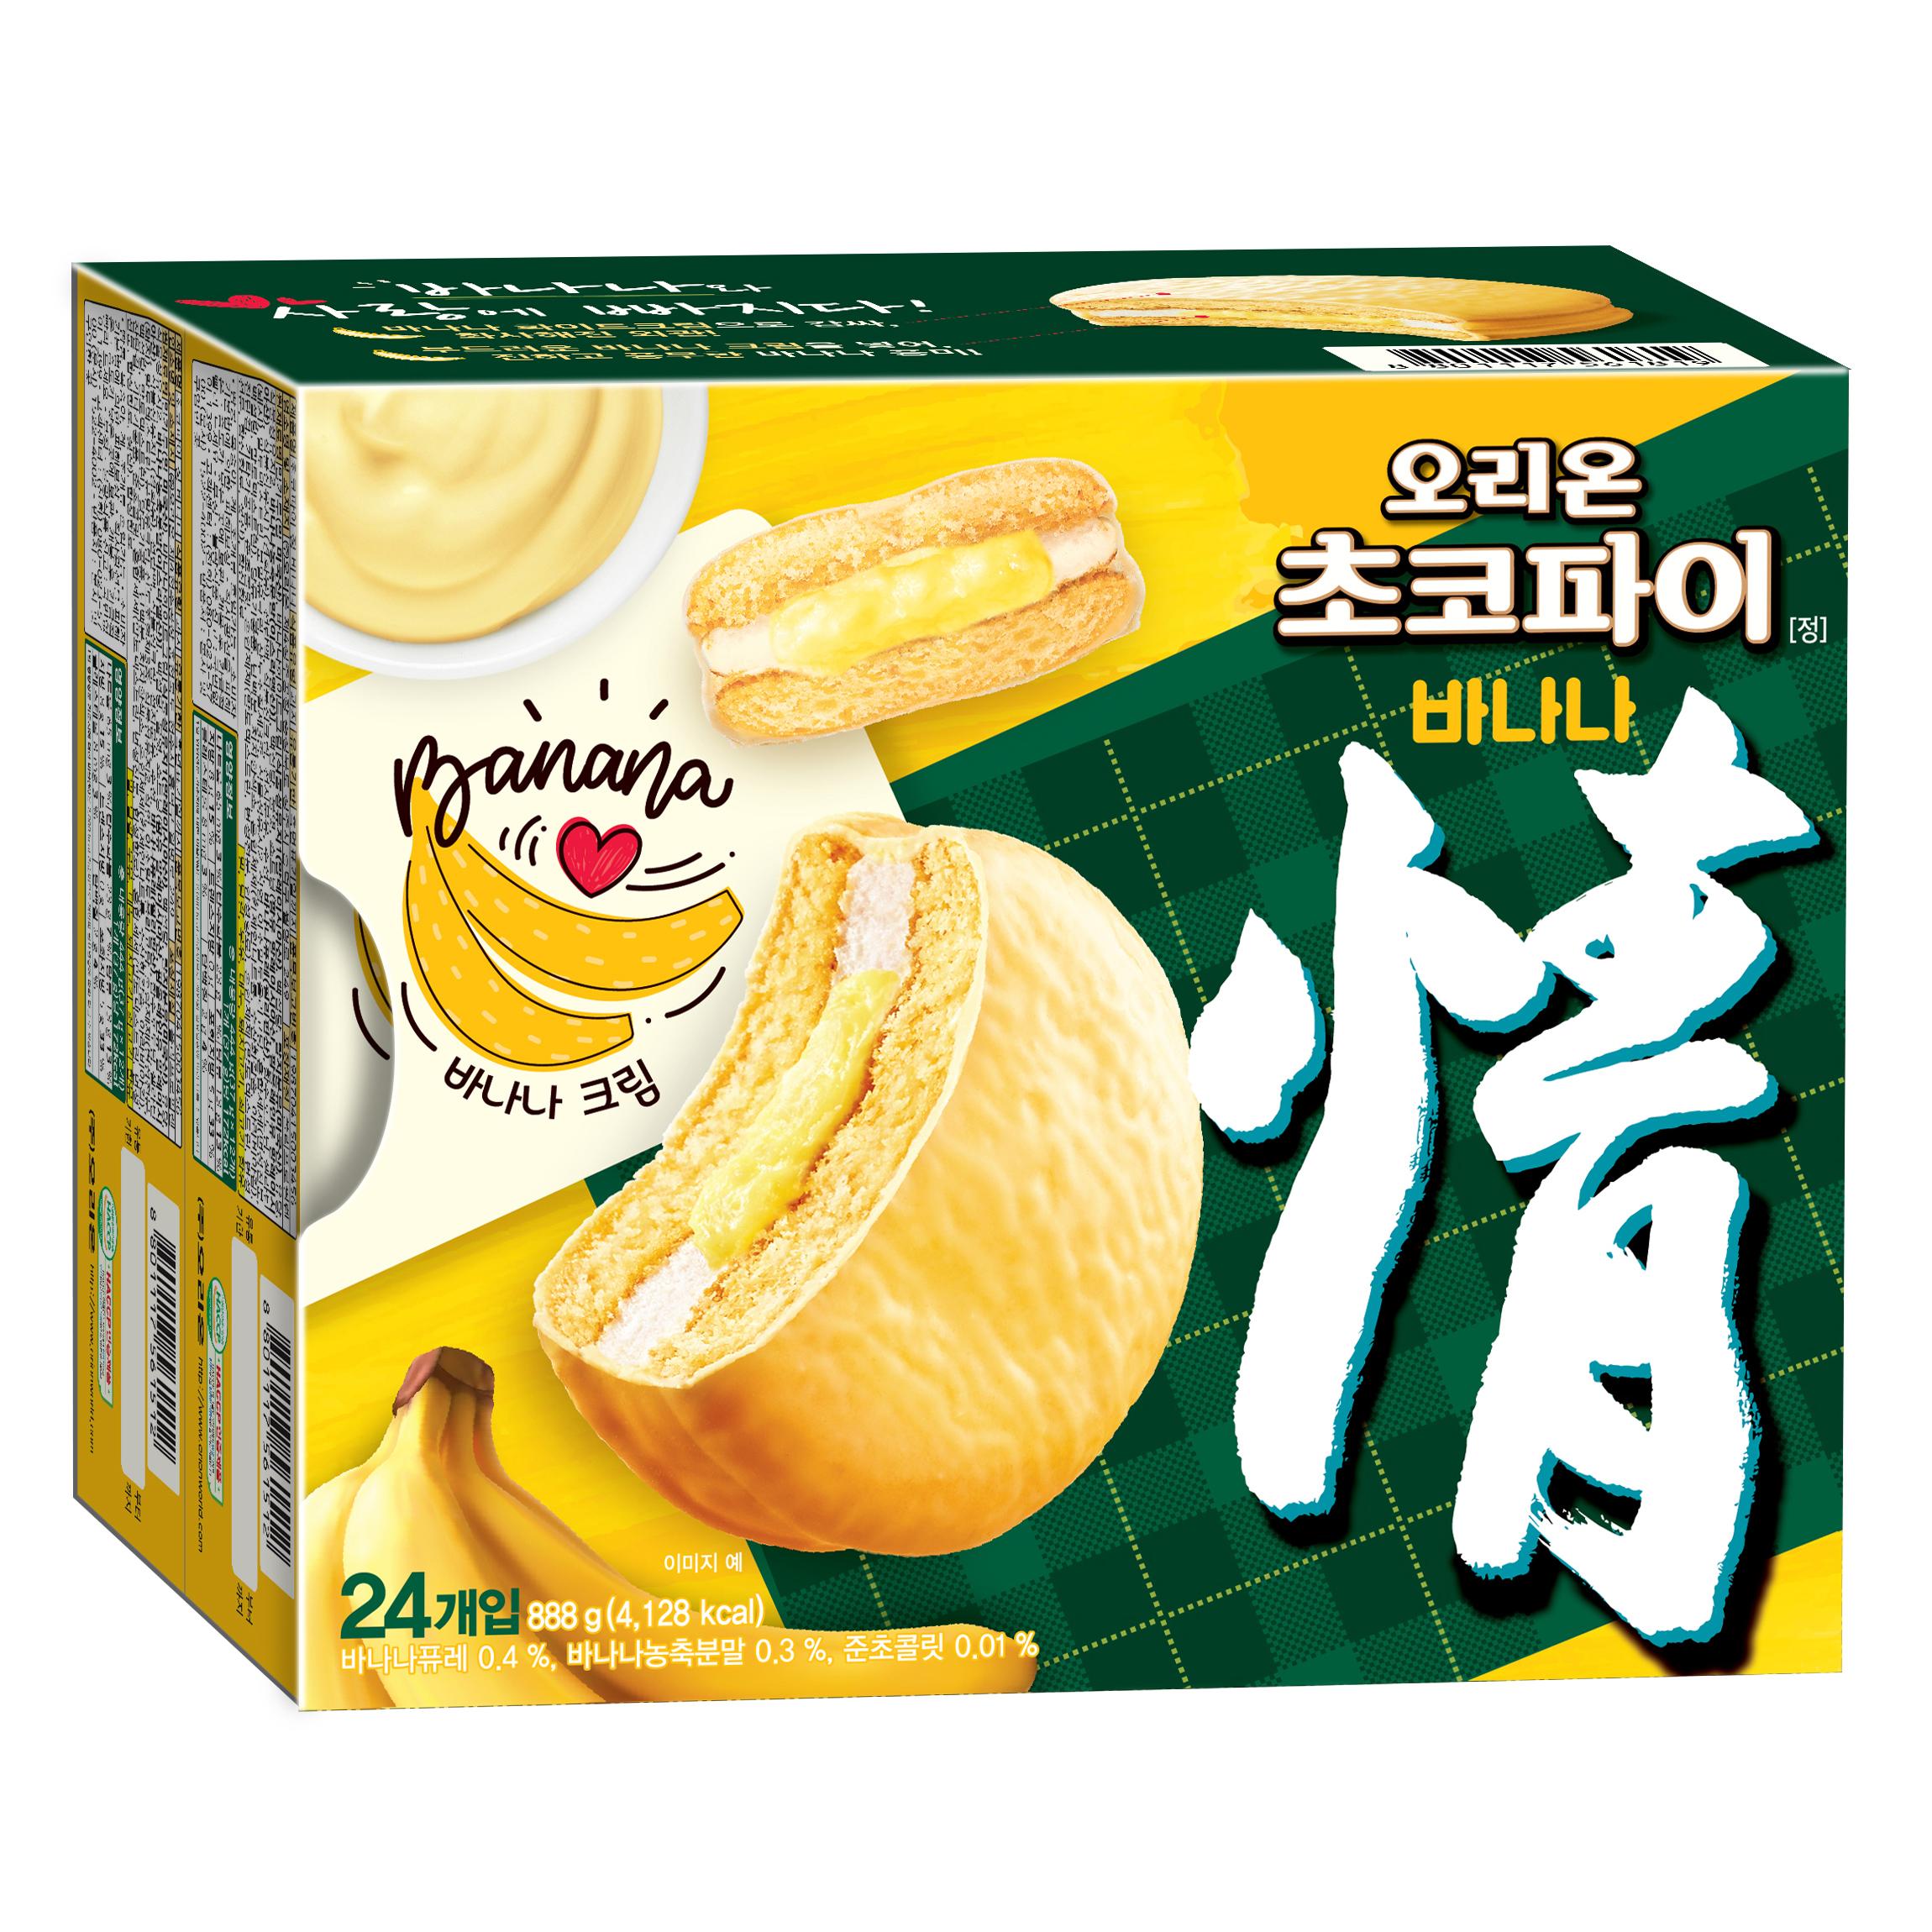 오리온초코파이 바나나맛 케이크, 37g, 24개